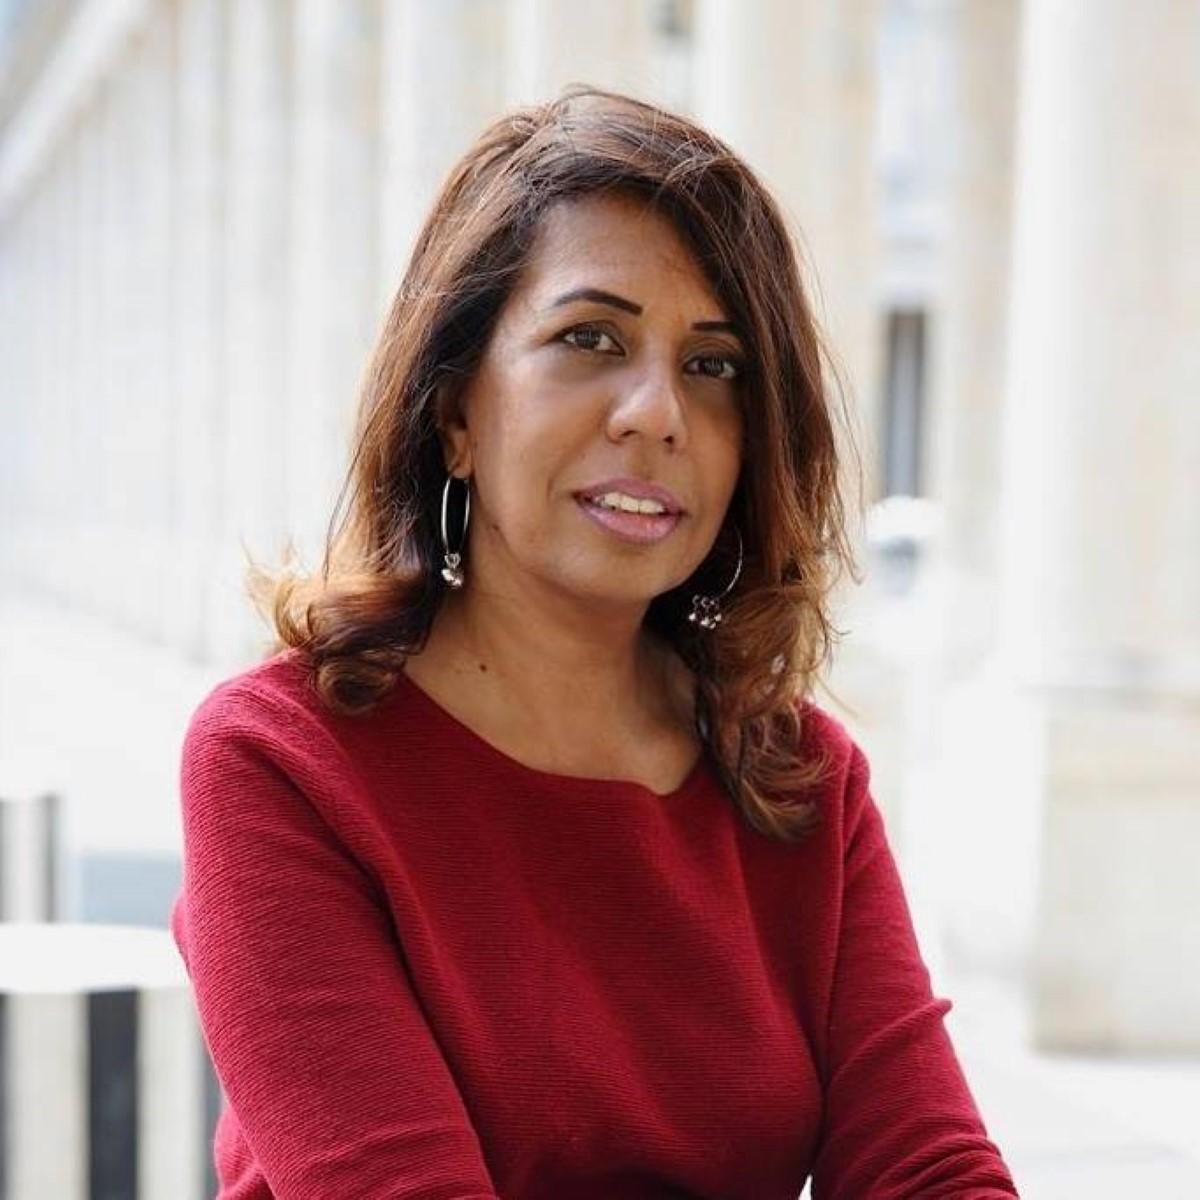 Nita Deerpalsing annonce son intention d'être candidate aux prochaines élections